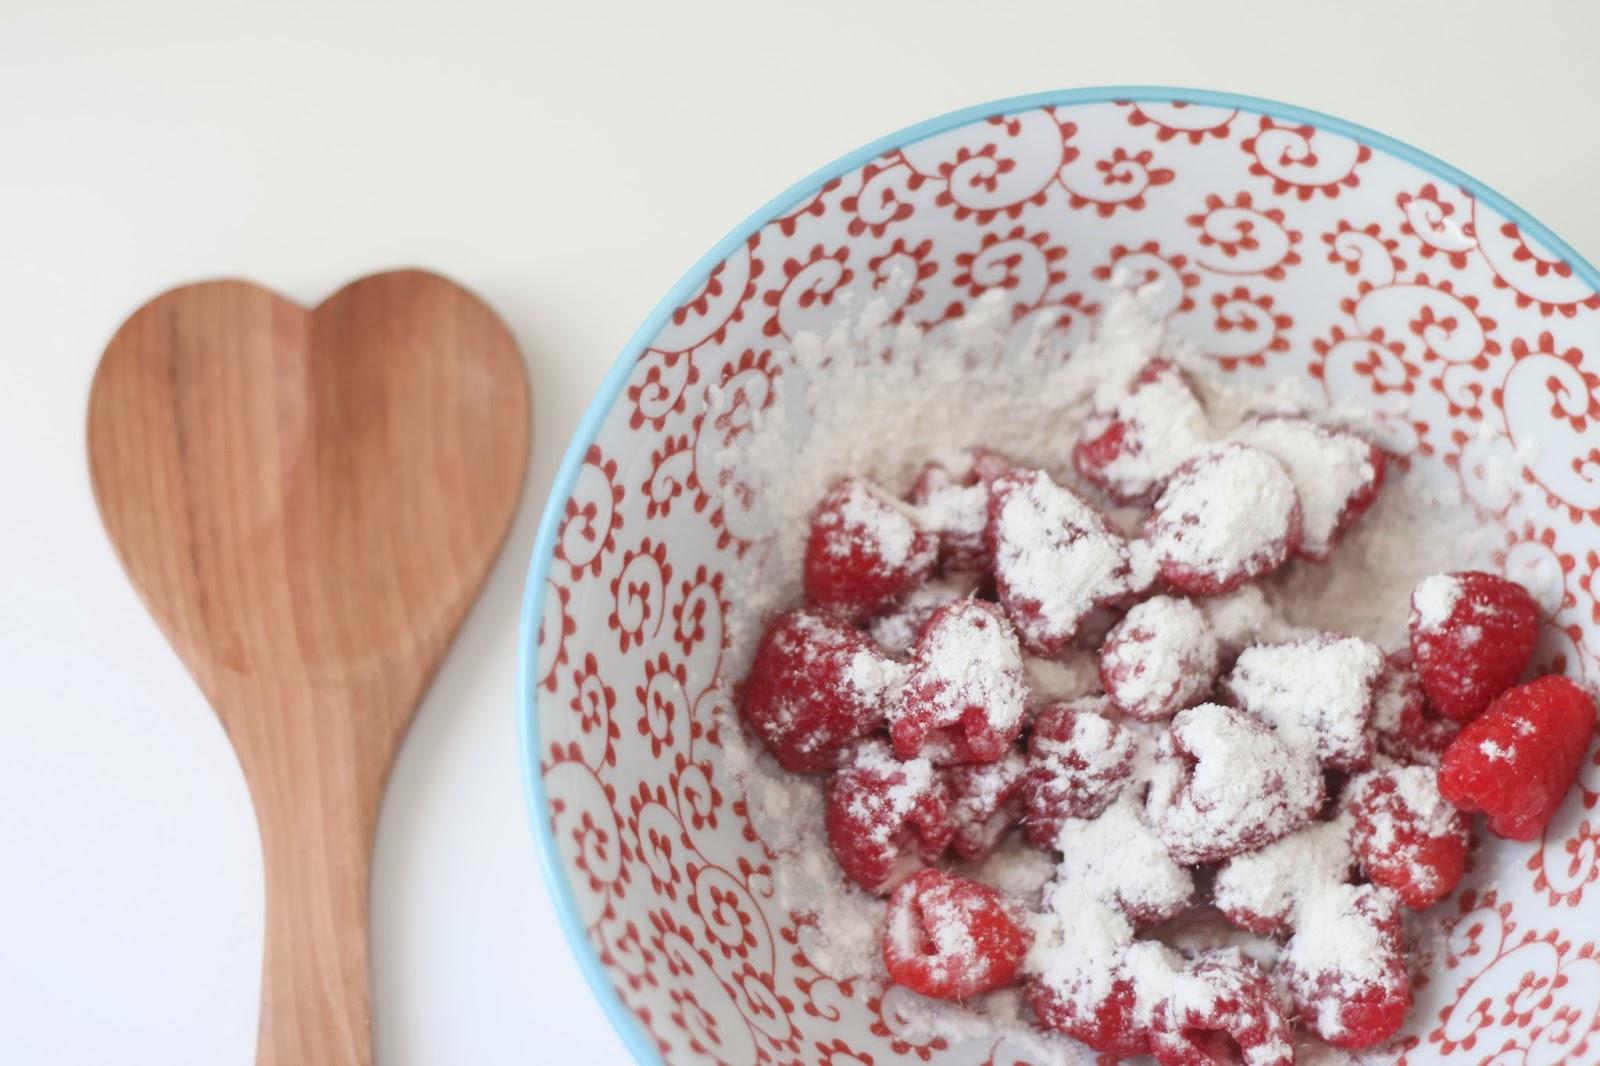 sugar-crusted raspberry muffins - Flora & Fauna